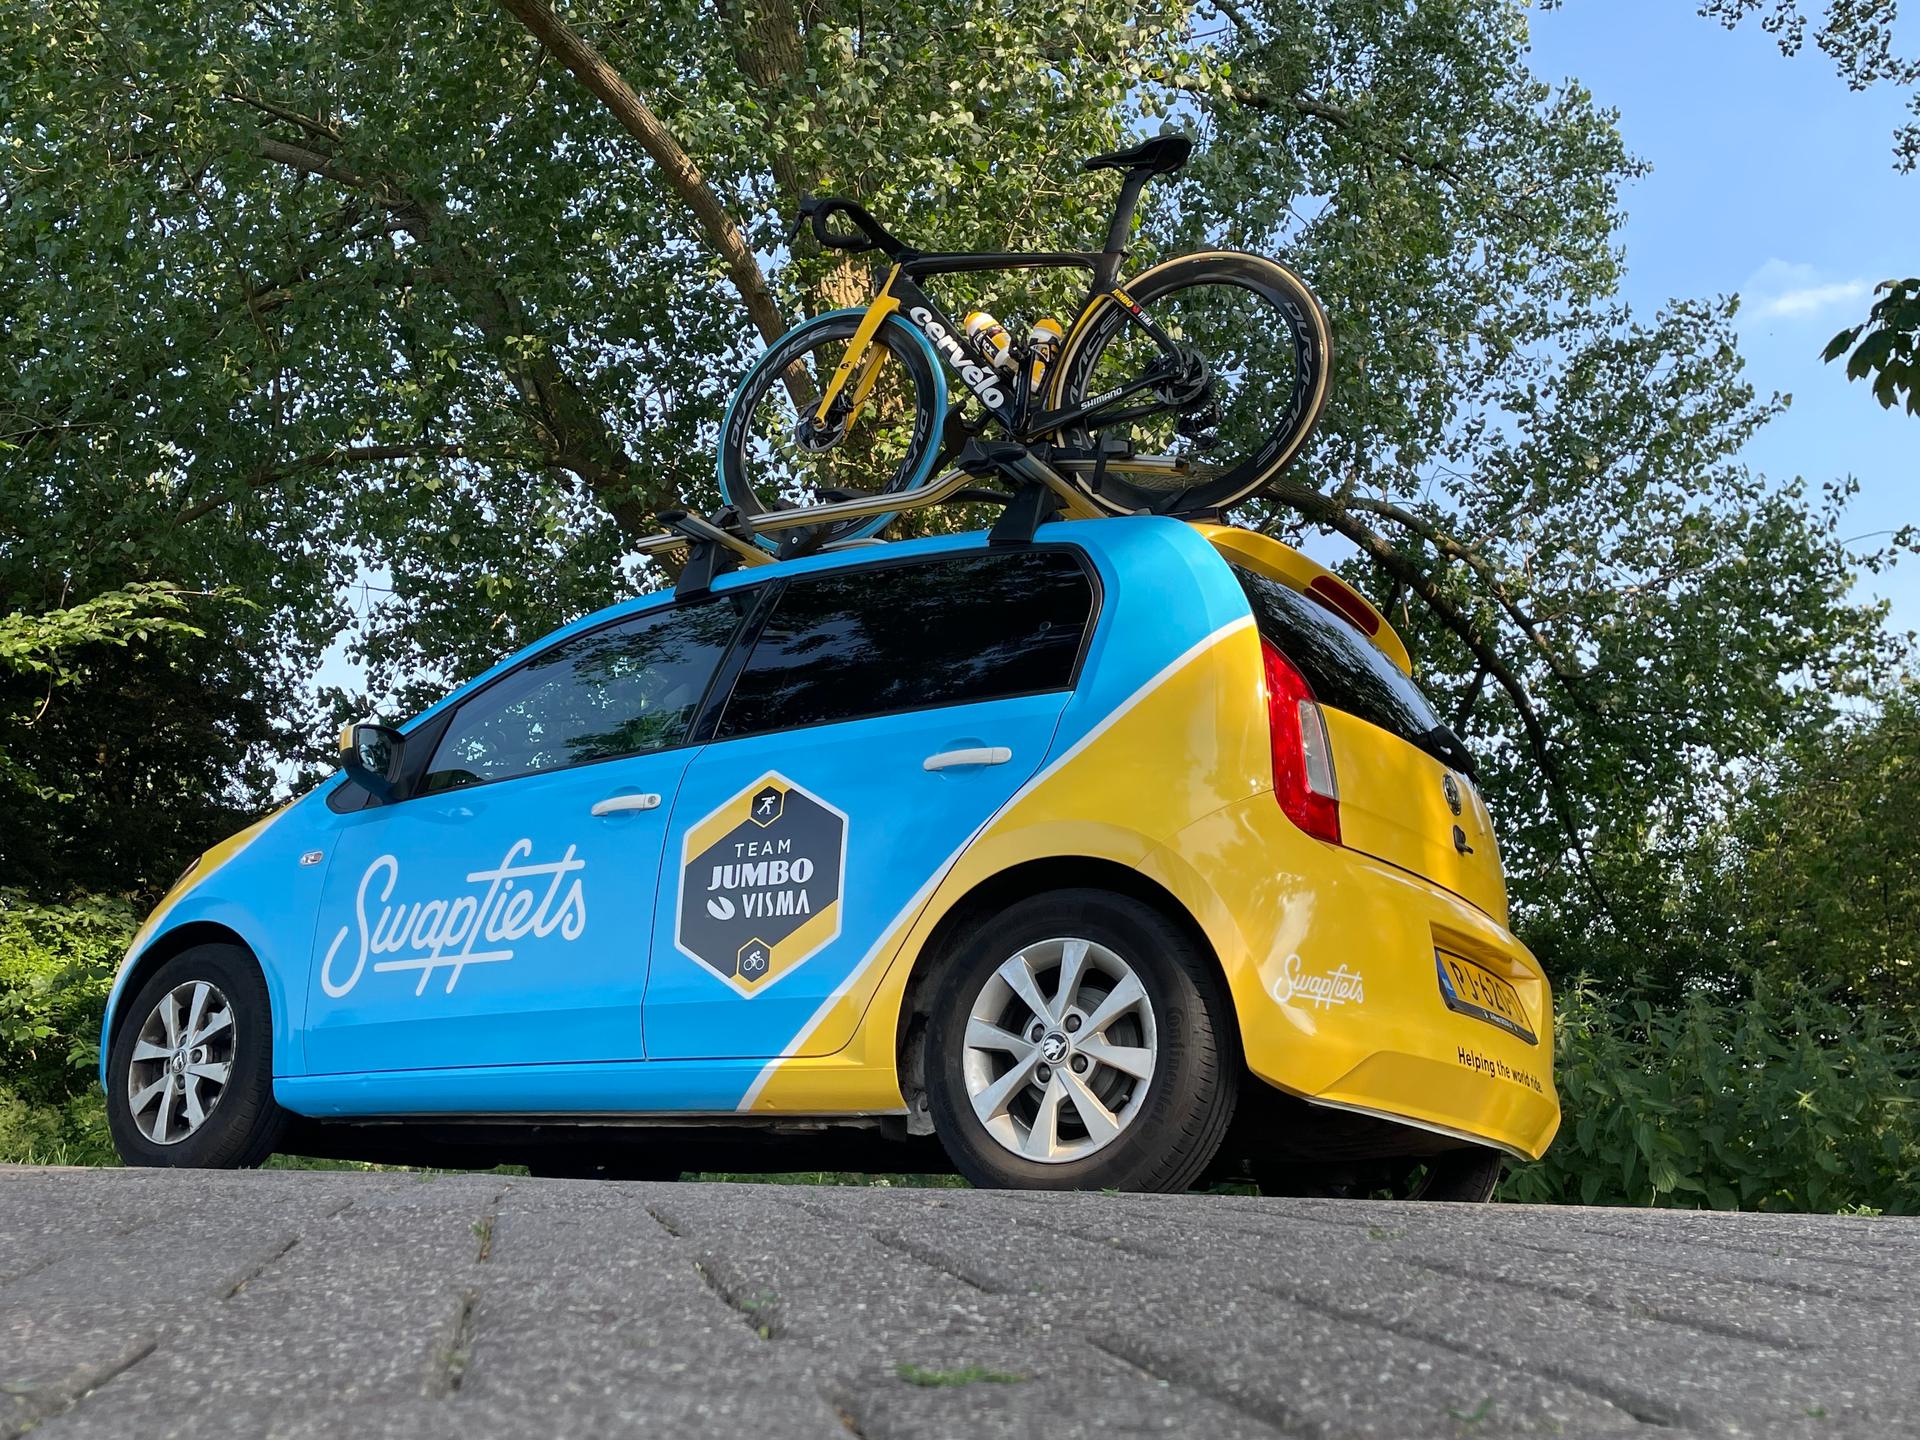 Tour de france swapfiets ploegleiderswagen